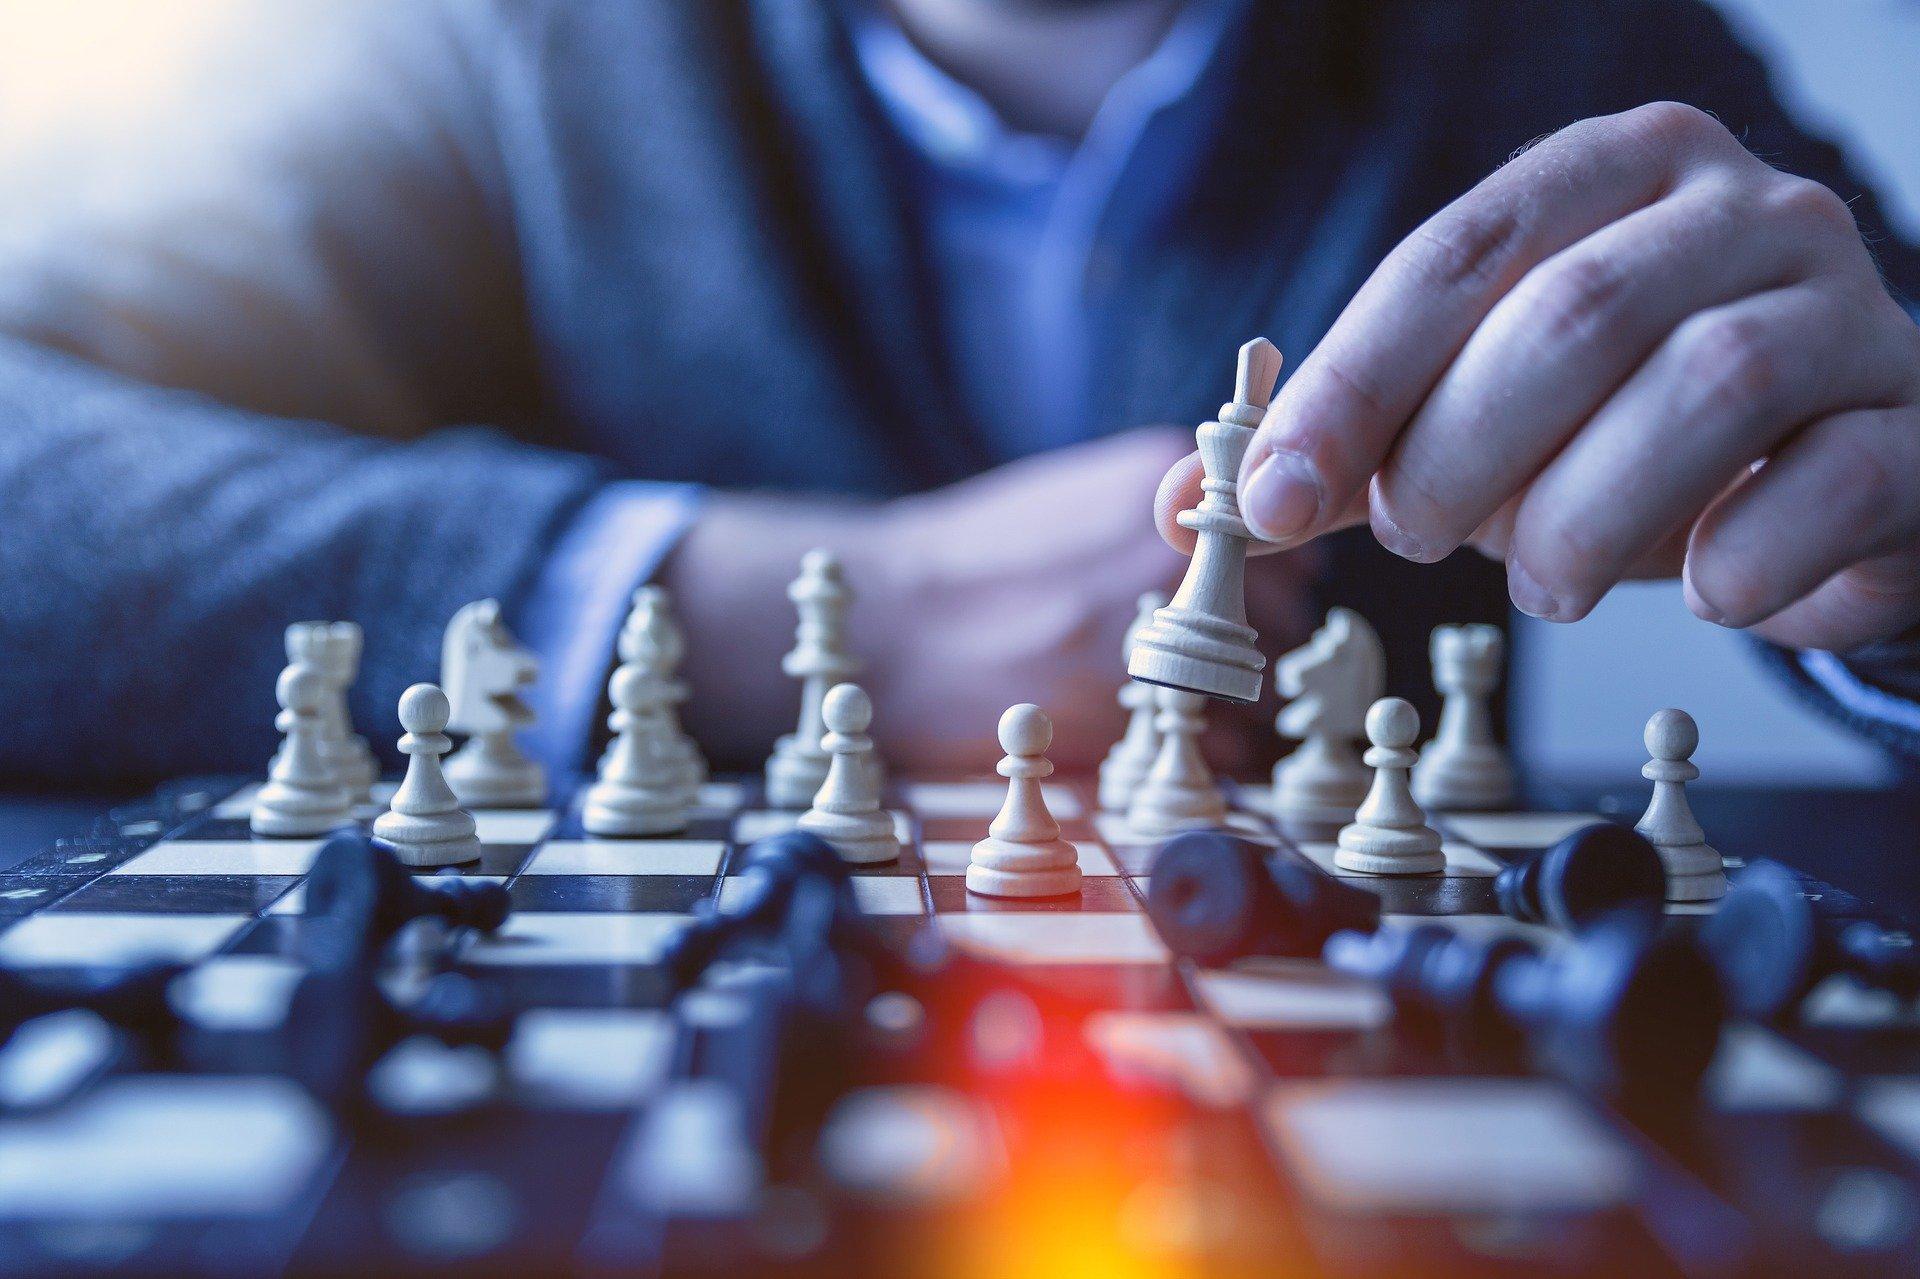 Homem branco movendo uma peça de xadrez no tabuleiro.